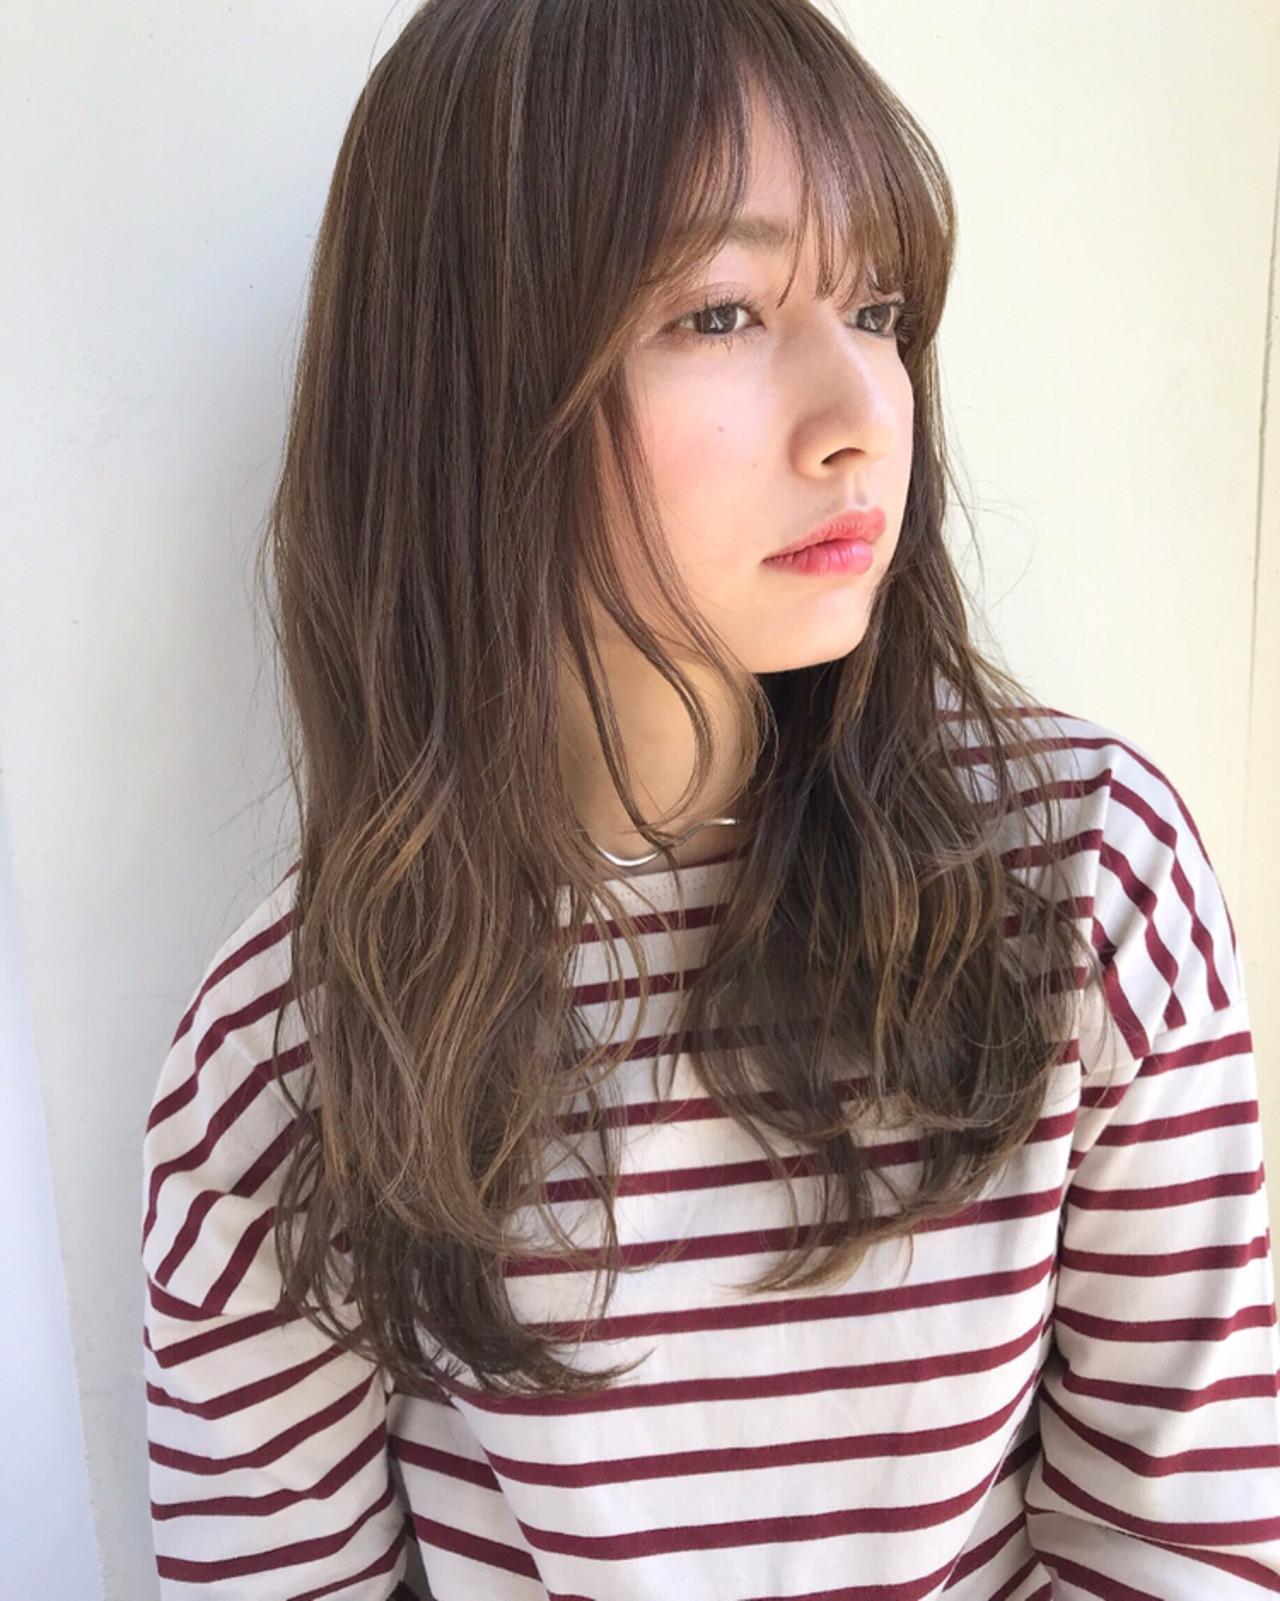 おしゃれな前髪2019年版。顔タイプ別に似合うトレンド前髪を紹介の8枚目の画像